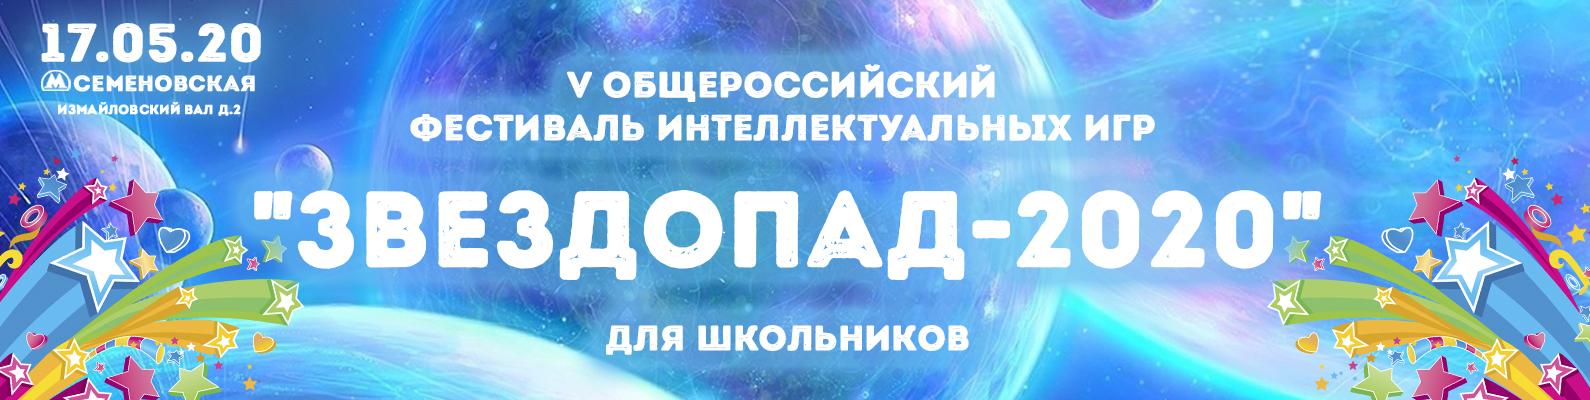 """""""ЗВЕЗДОПАД-2020"""" - V Общероссийский фестиваль интеллектуальных игр для школьников"""